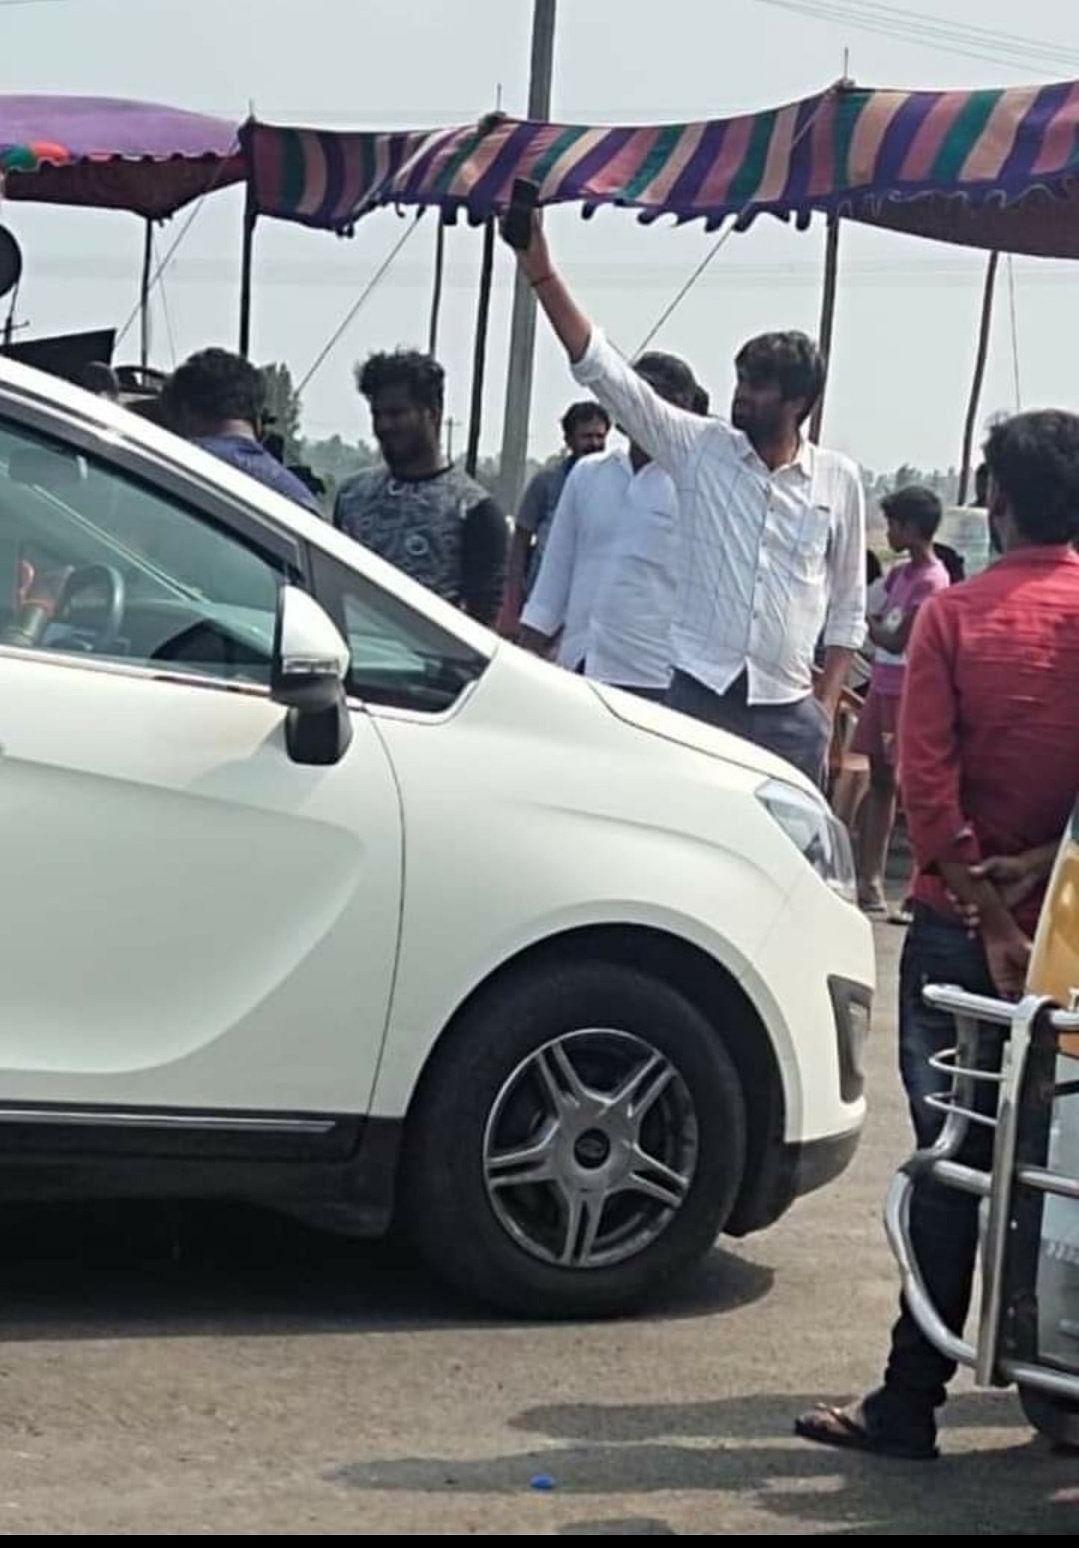 அஜித்தின் 'வலிமை' படப்பிடிப்பு சென்னையில் மீண்டும் தொடங்கியது... வைரலாகும் ஷூட்டிங் ஸ்பாட் புகைப்படங்கள்!